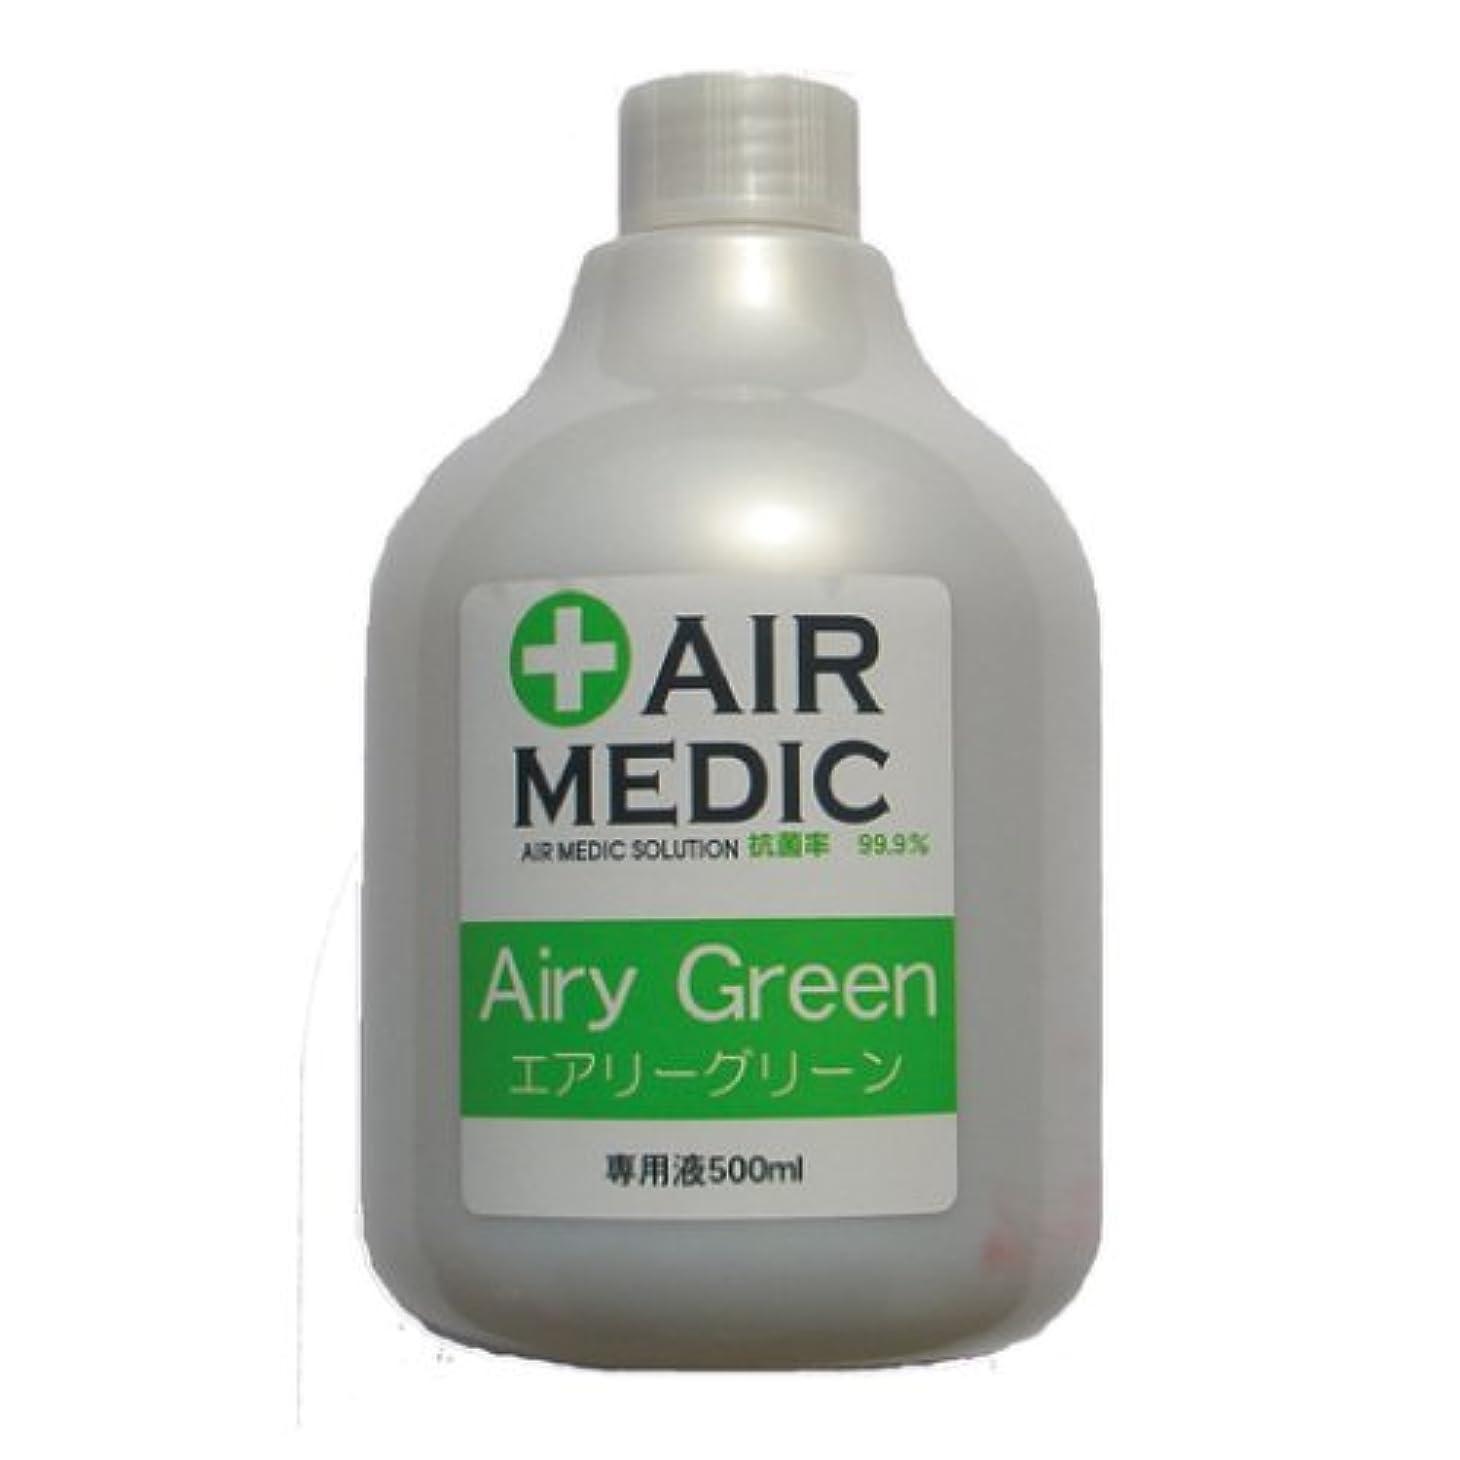 アジア人粘液シャーロットブロンテエアメディック 専用液 エアリーグリーン 500ml